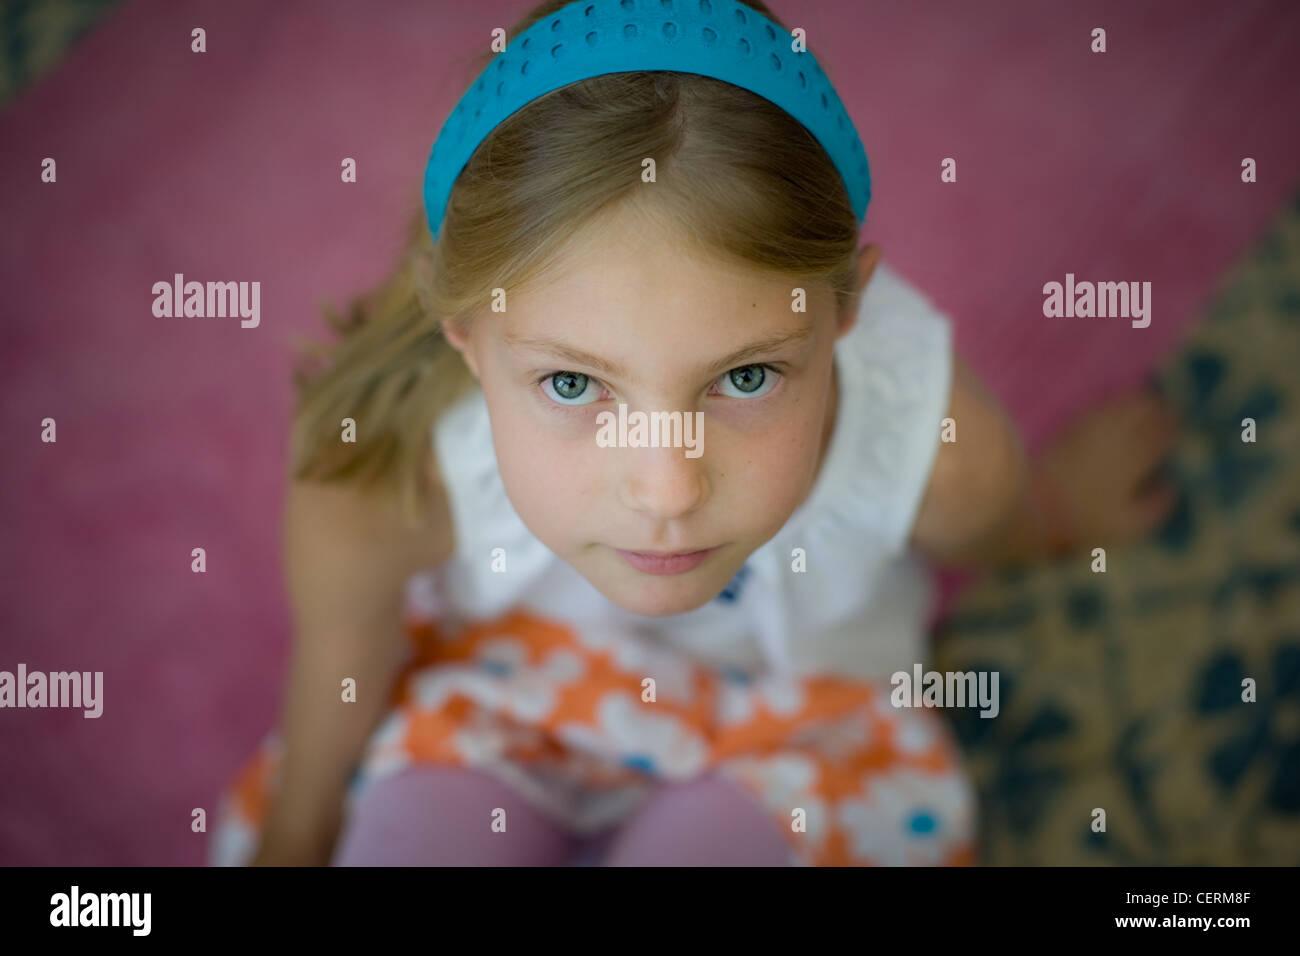 Closeup portrait d'une jeune fille portant un bandeau bleu Photo Stock